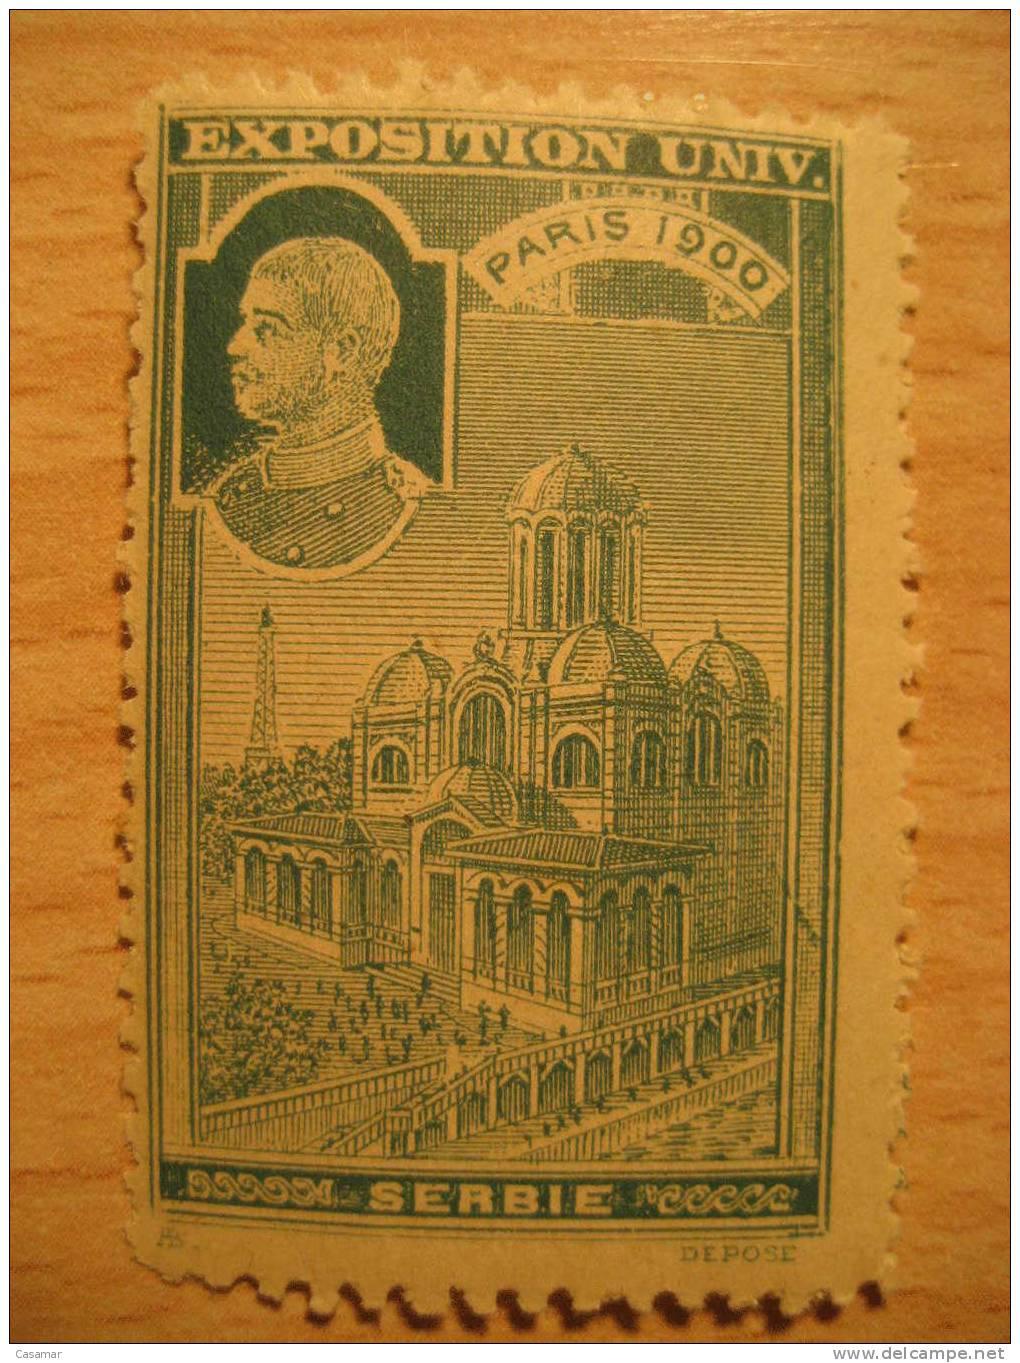 france paris 1900 serbie serbia exposition universelle poster stamp label vignette vi eta. Black Bedroom Furniture Sets. Home Design Ideas